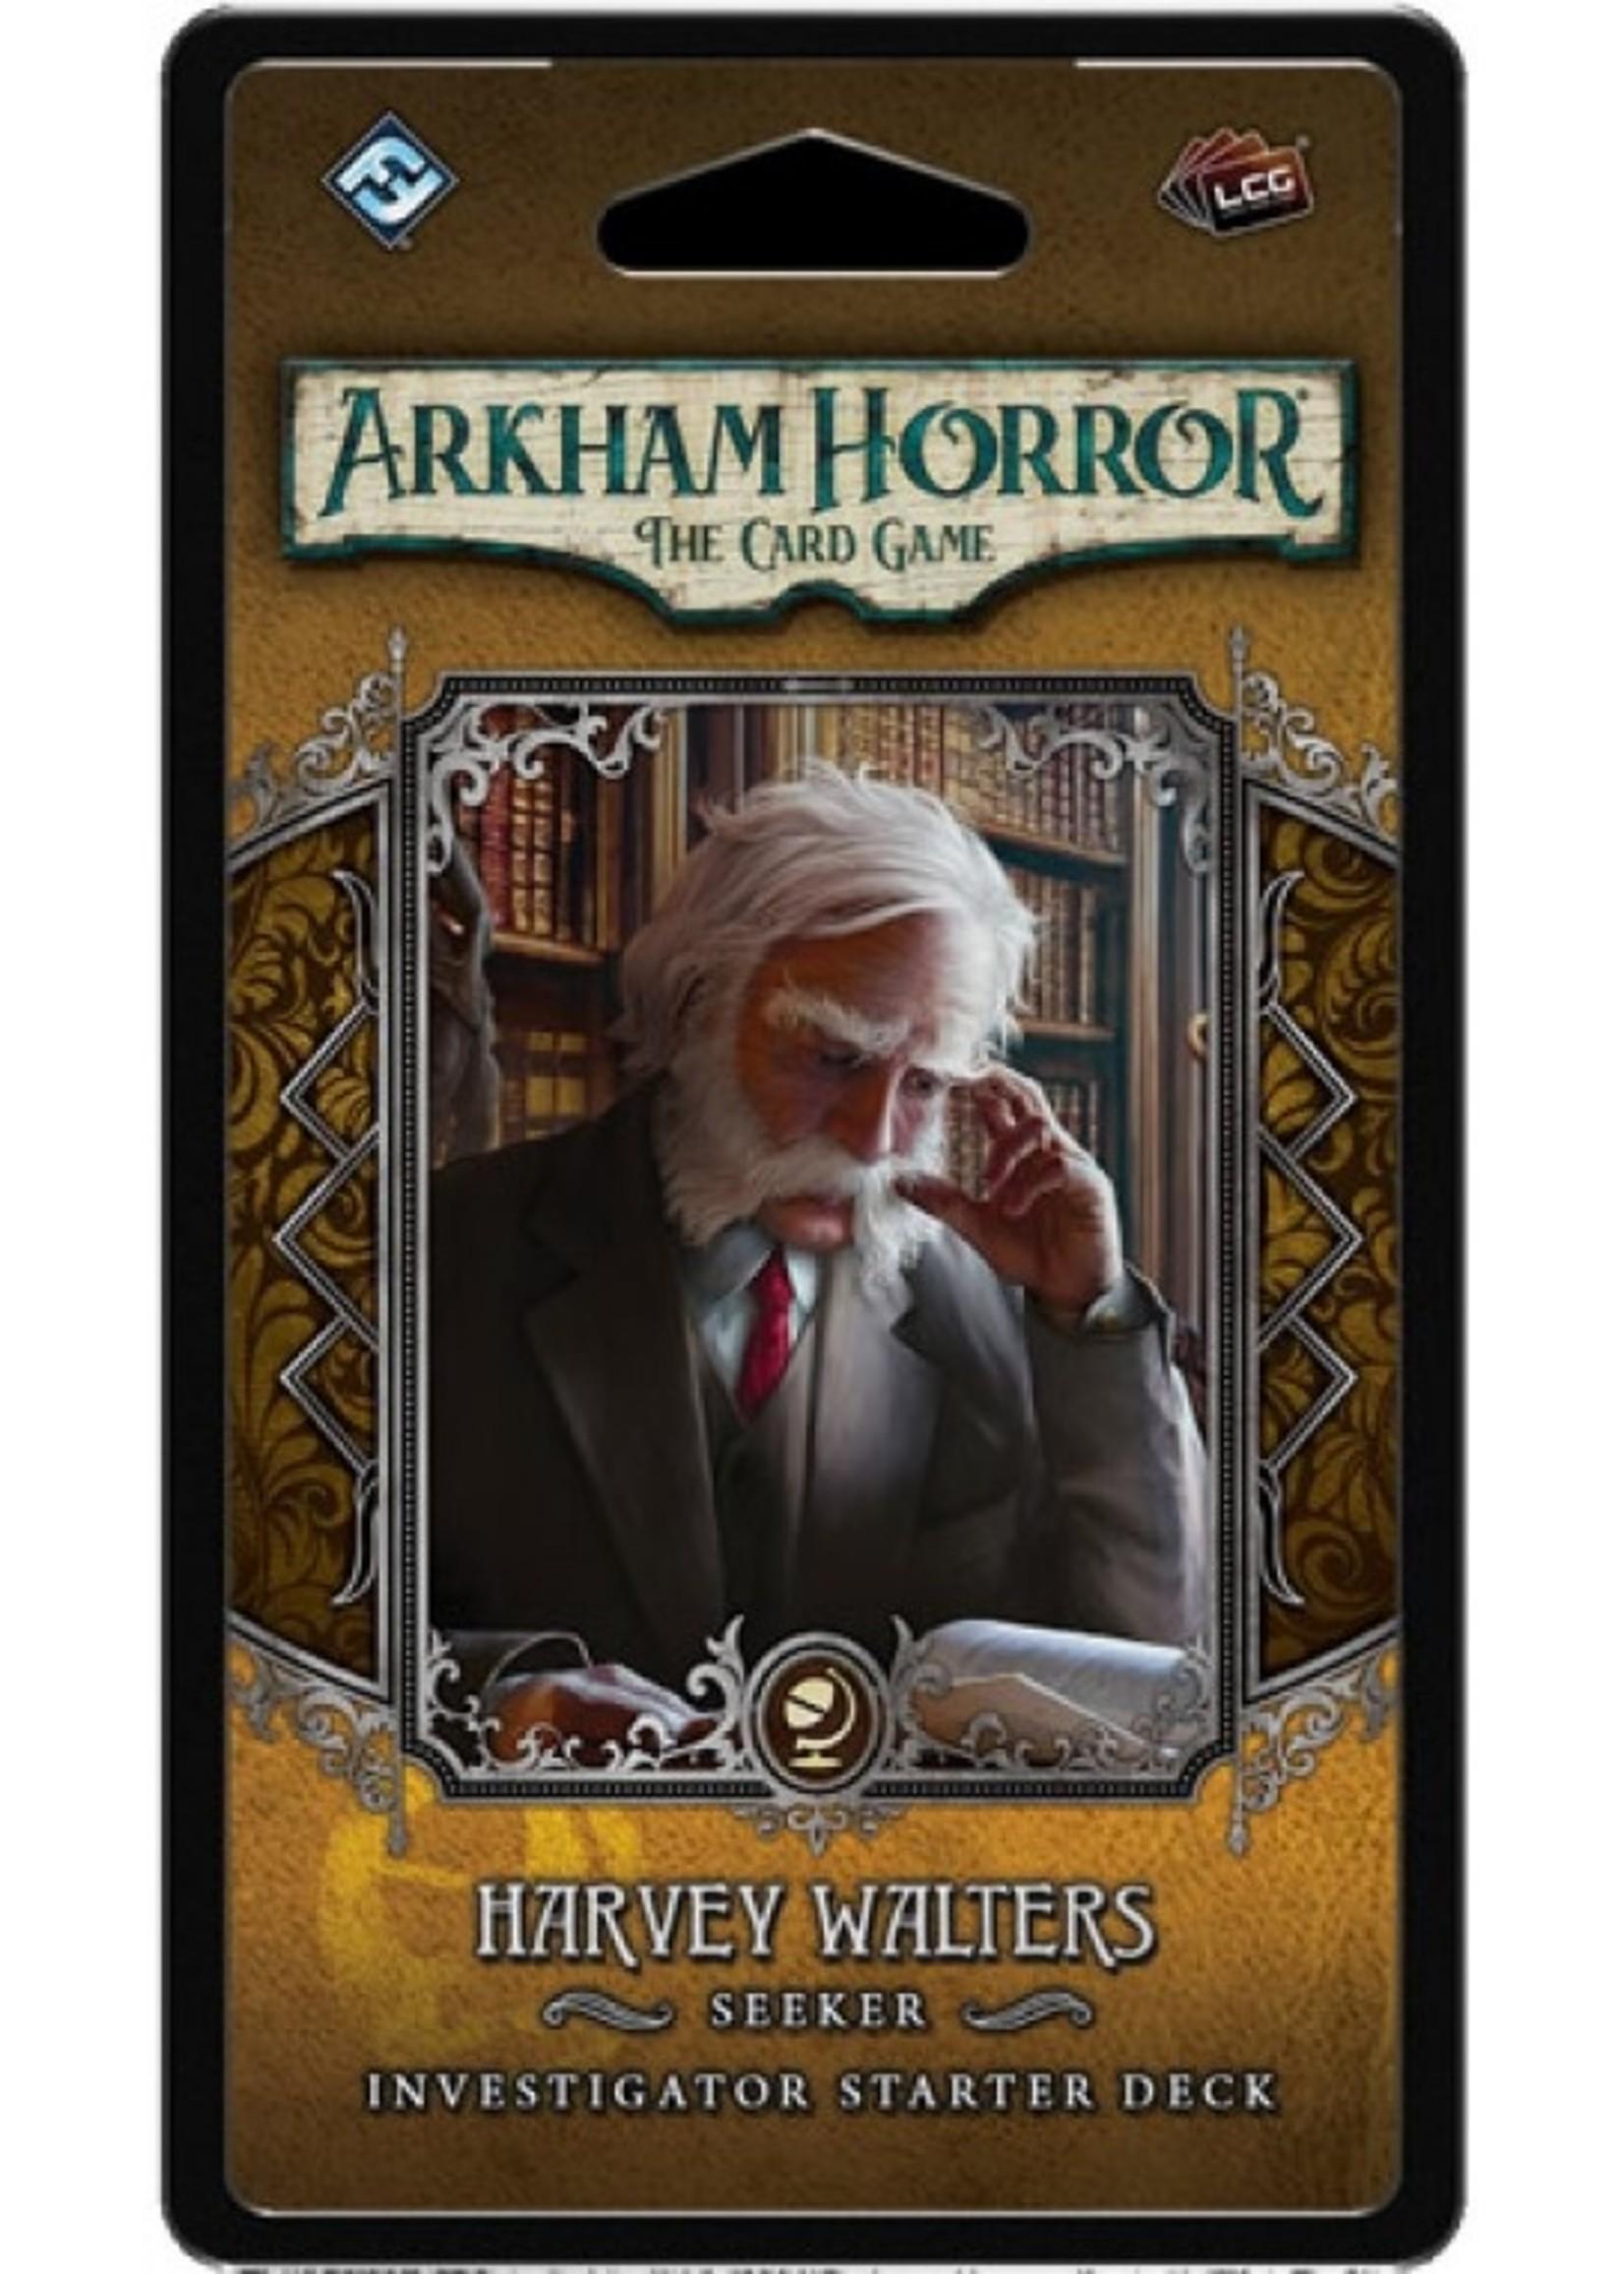 Arkham Horror LCG Harvey Walters